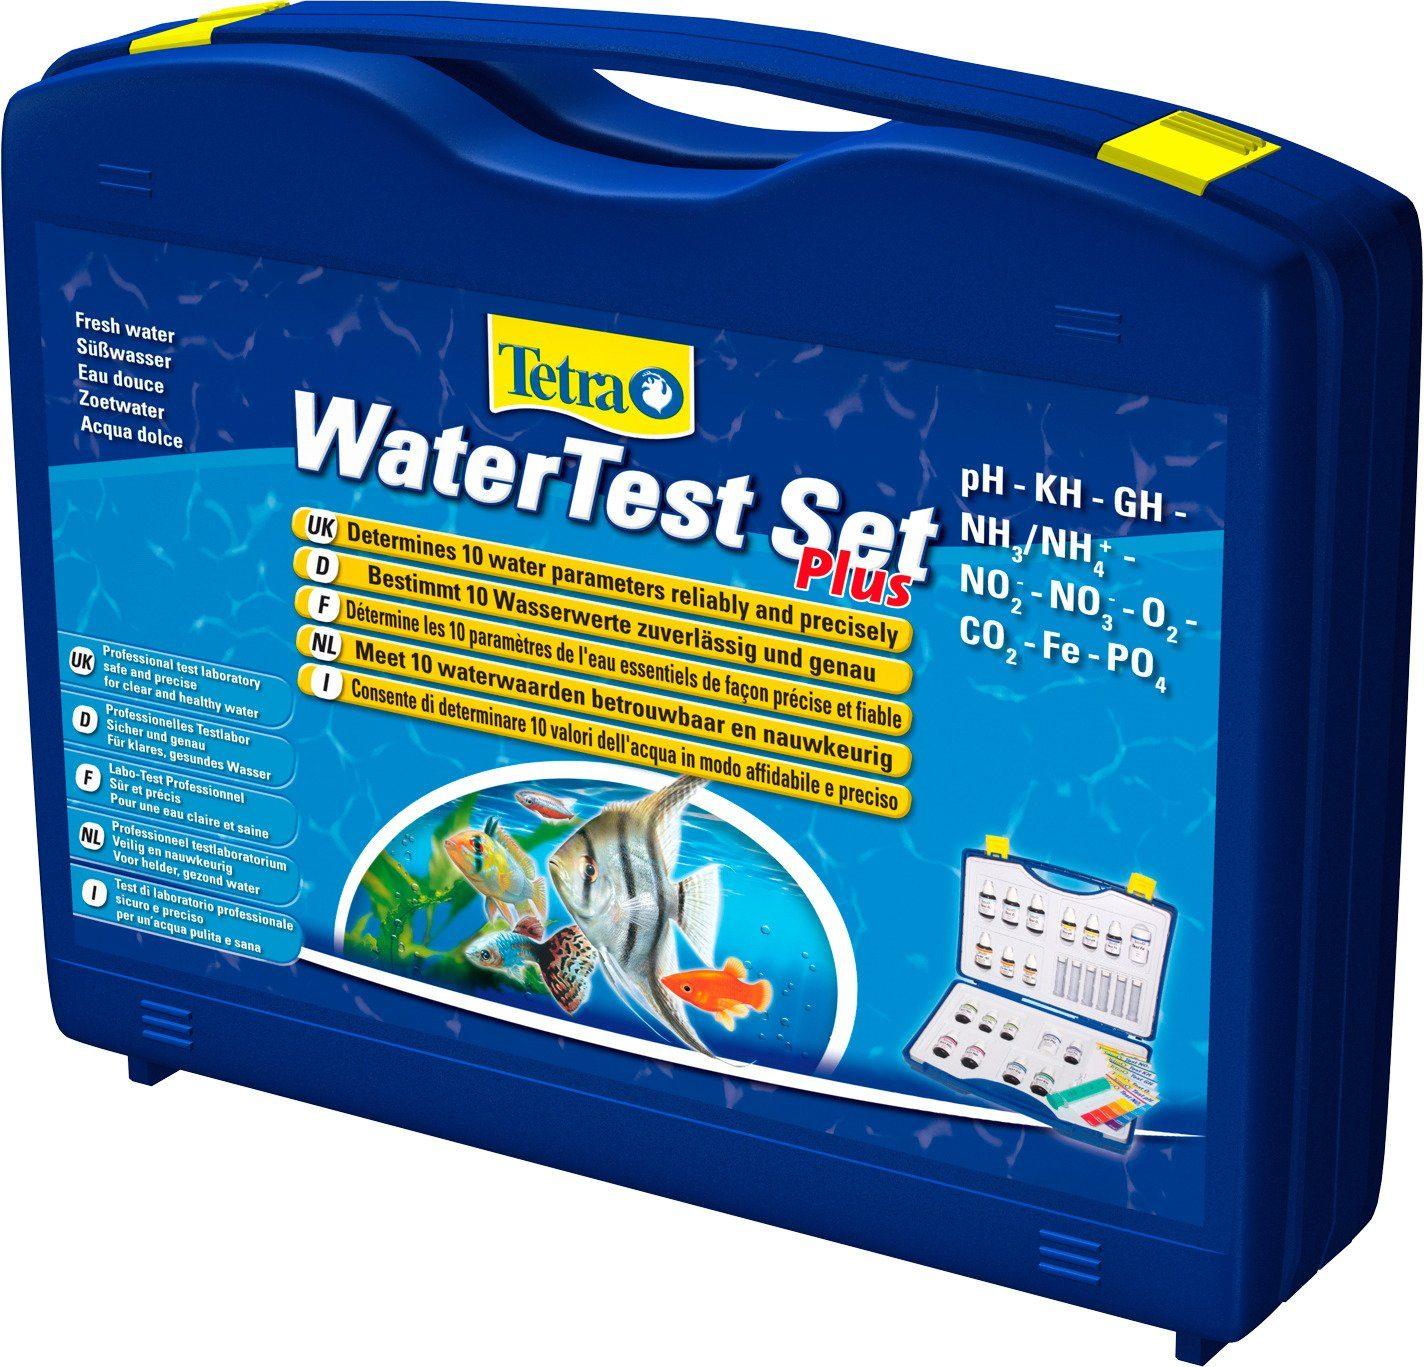 Tetra Aquariumpflege »Tetra WaterTest Set Plus«